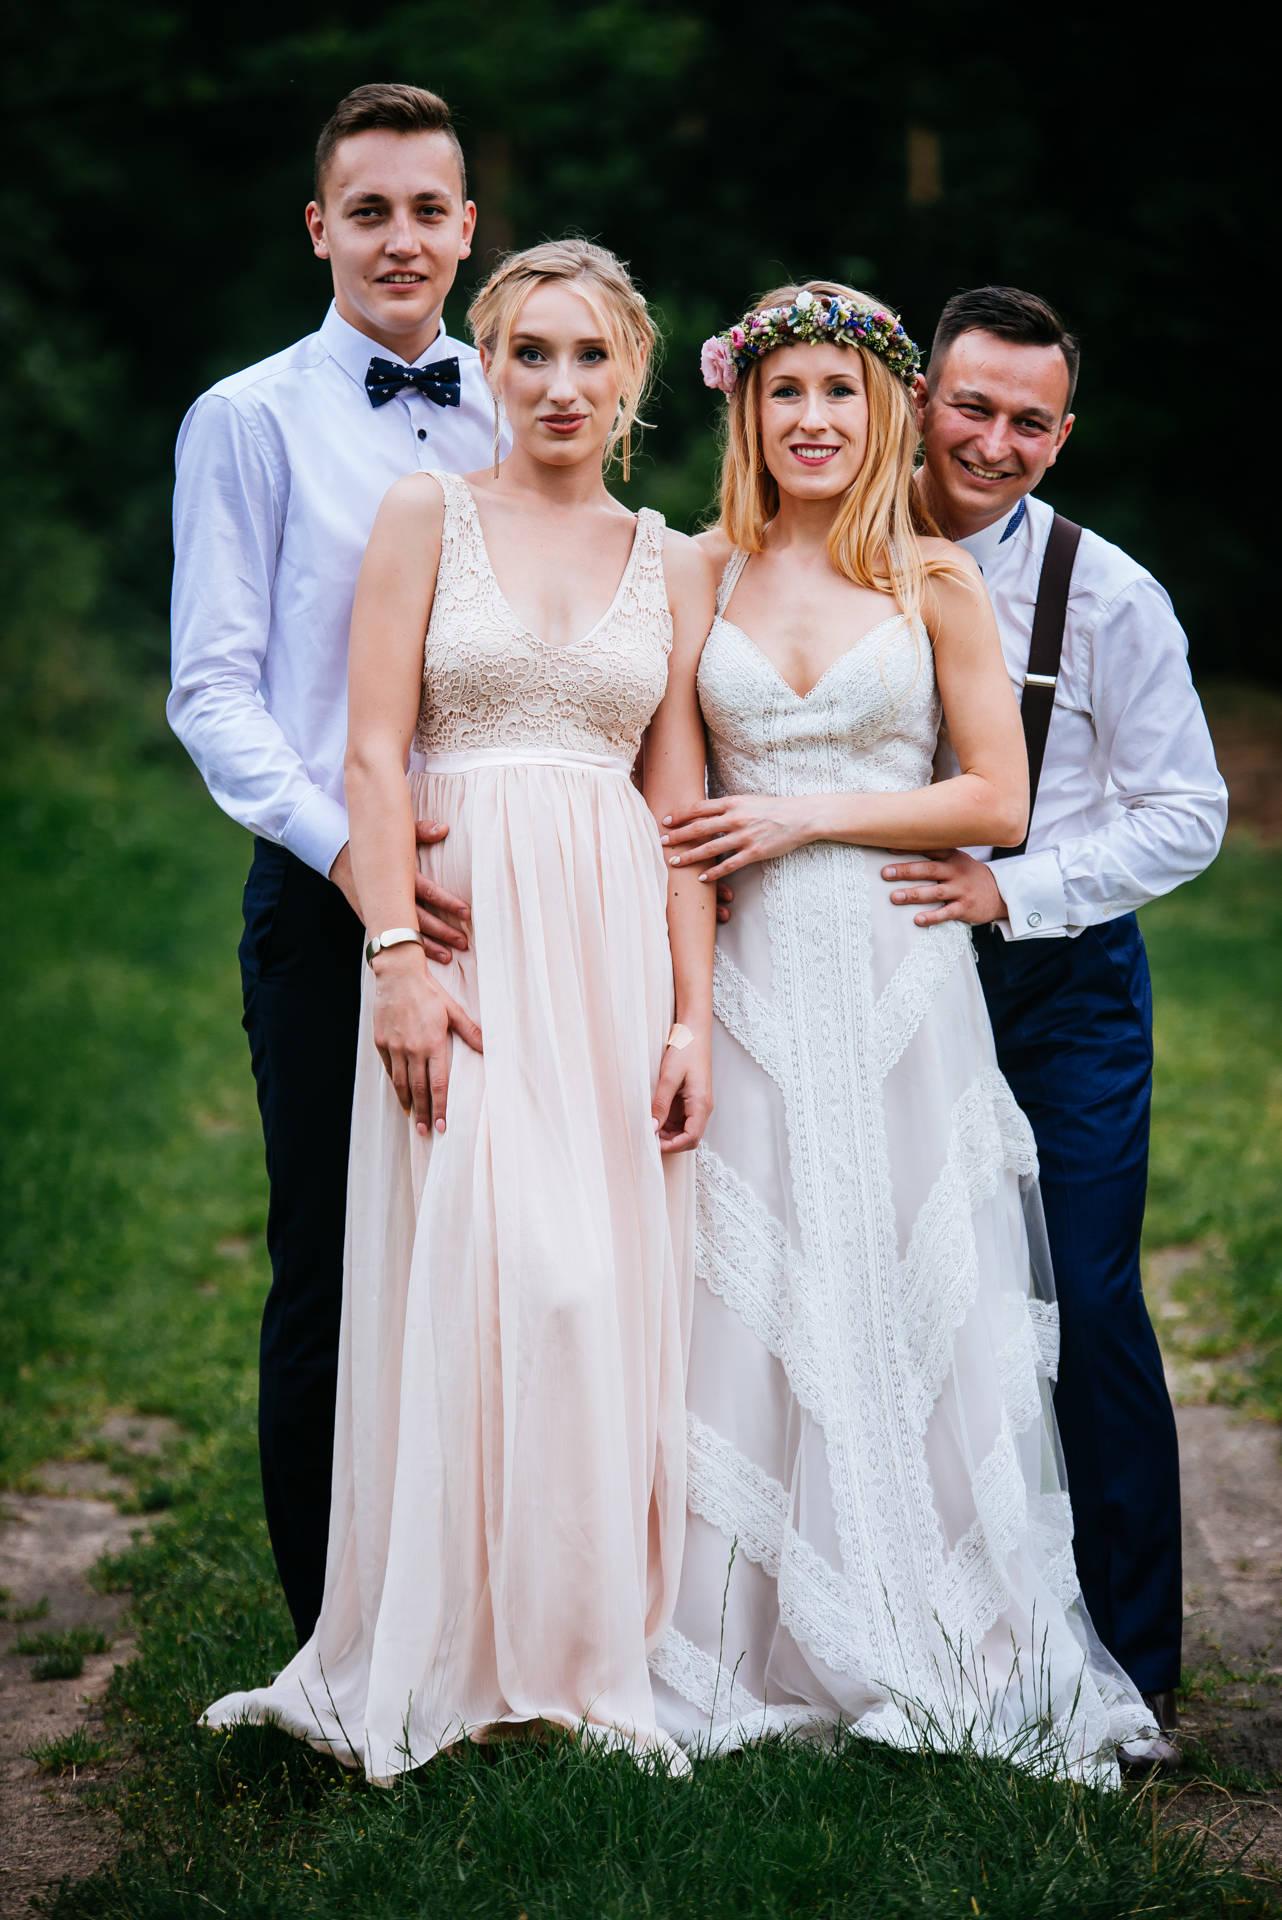 Śłub i wesele na Mazurach, fot. Rafał i Magda Nitychoruk, www.aparatowo.pl